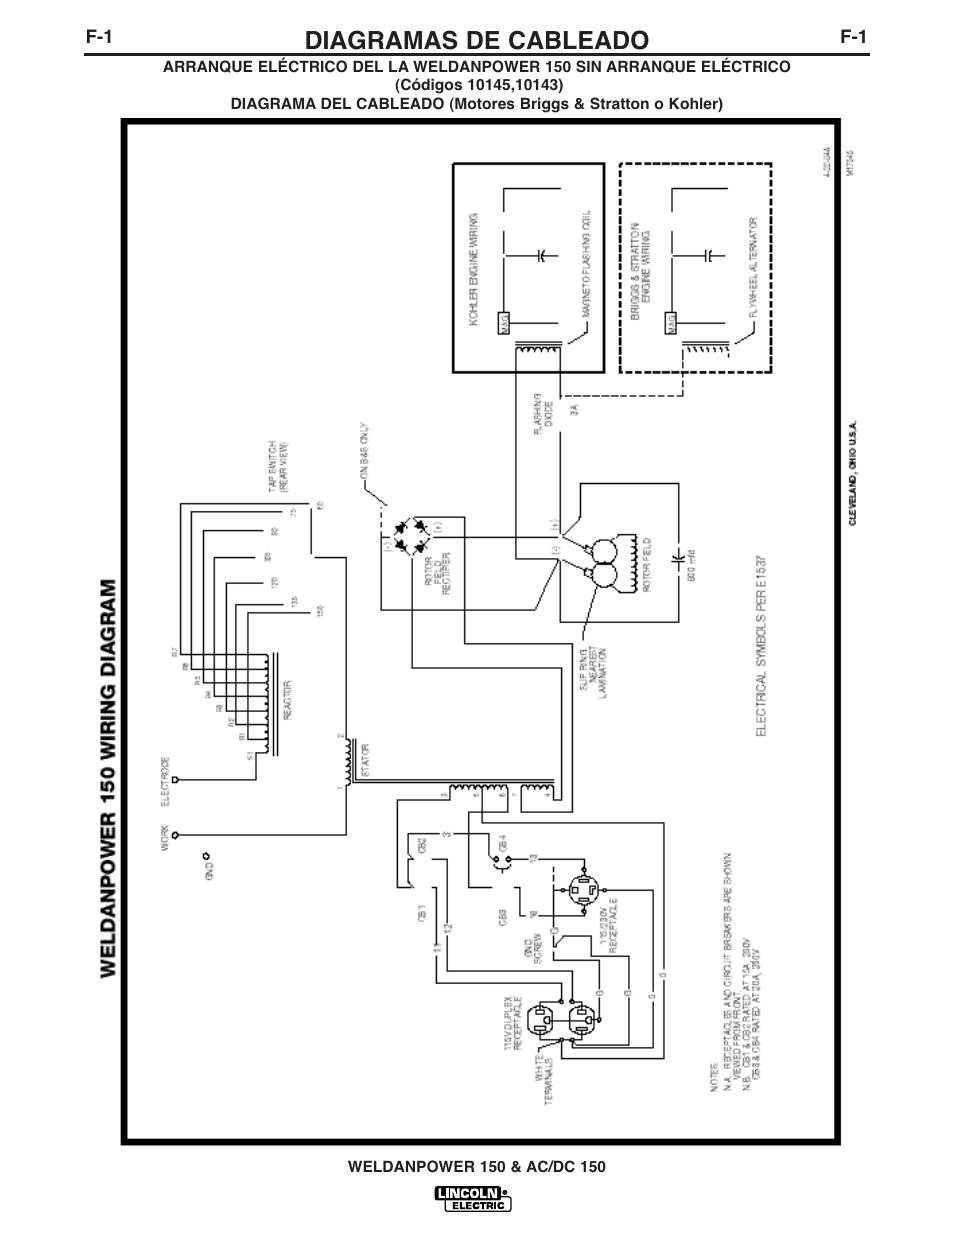 medium resolution of diagramas de cableado lincoln electric im413 weldanpower 150 userdiagramas de cableado lincoln electric im413 weldanpower 150